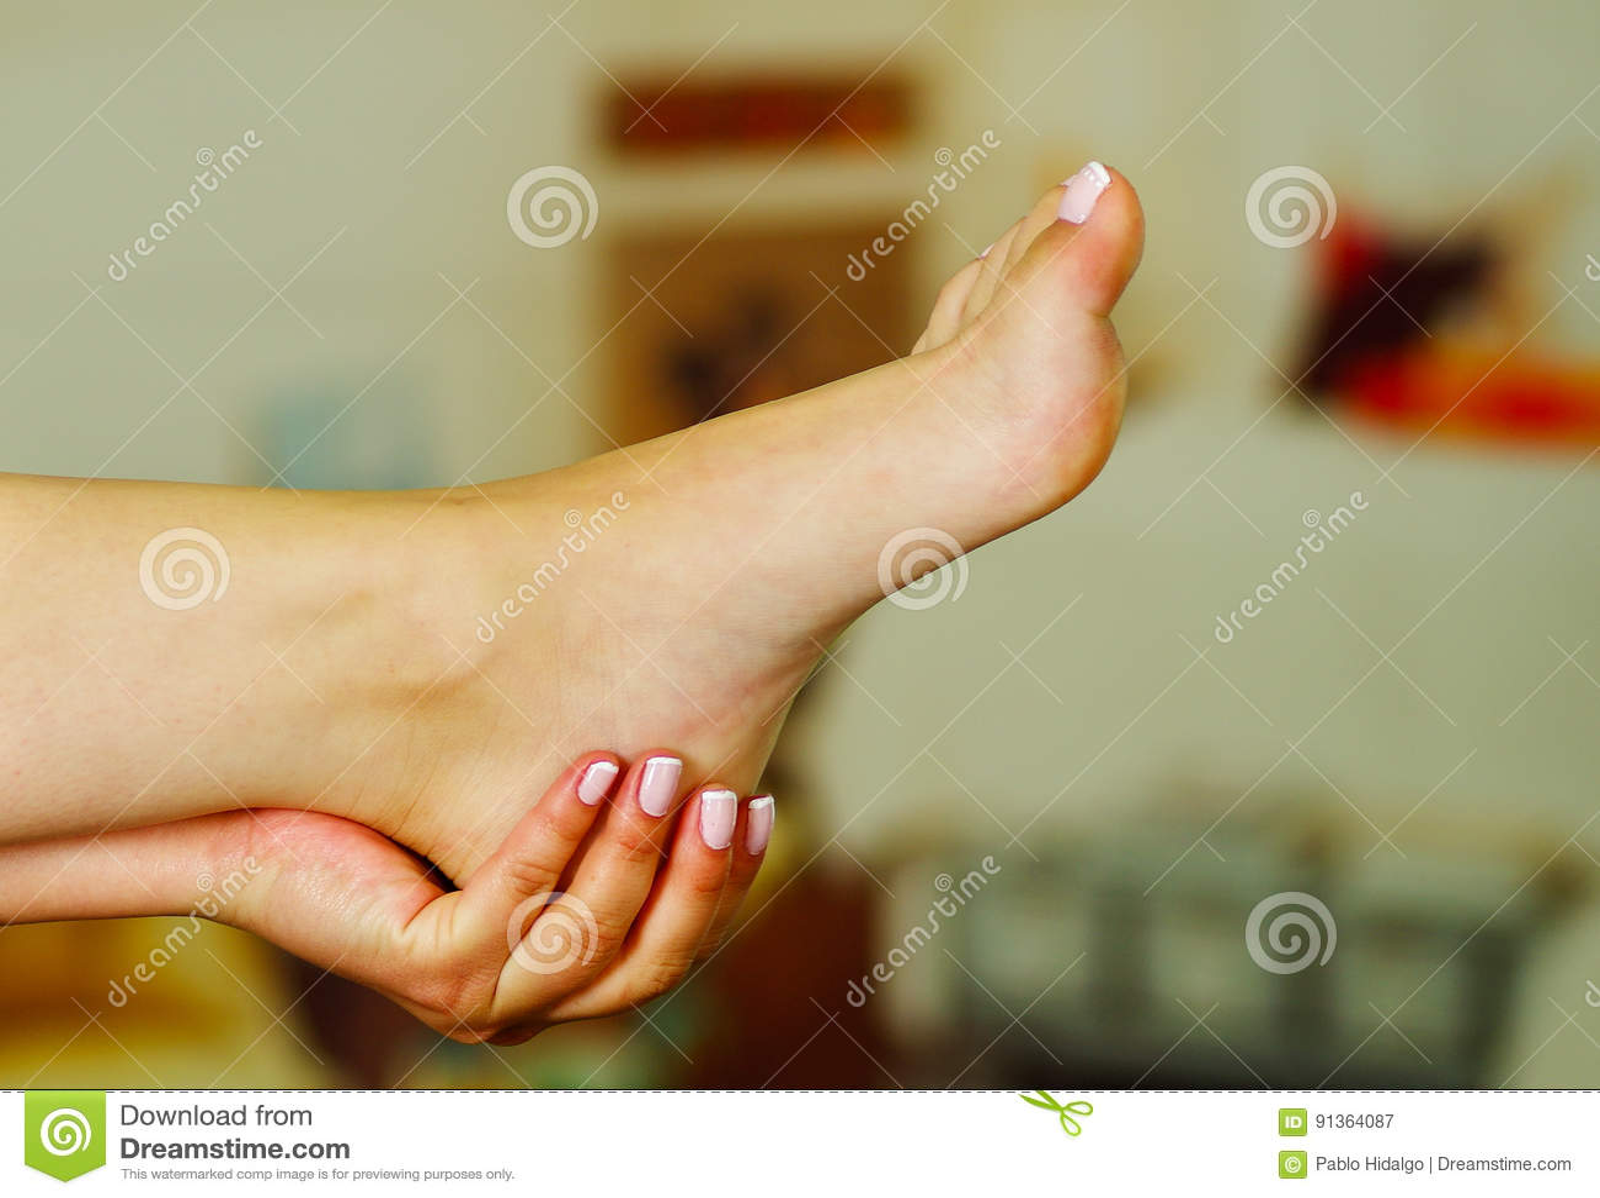 Smärta i foten, auto massage av kvinnlig fot